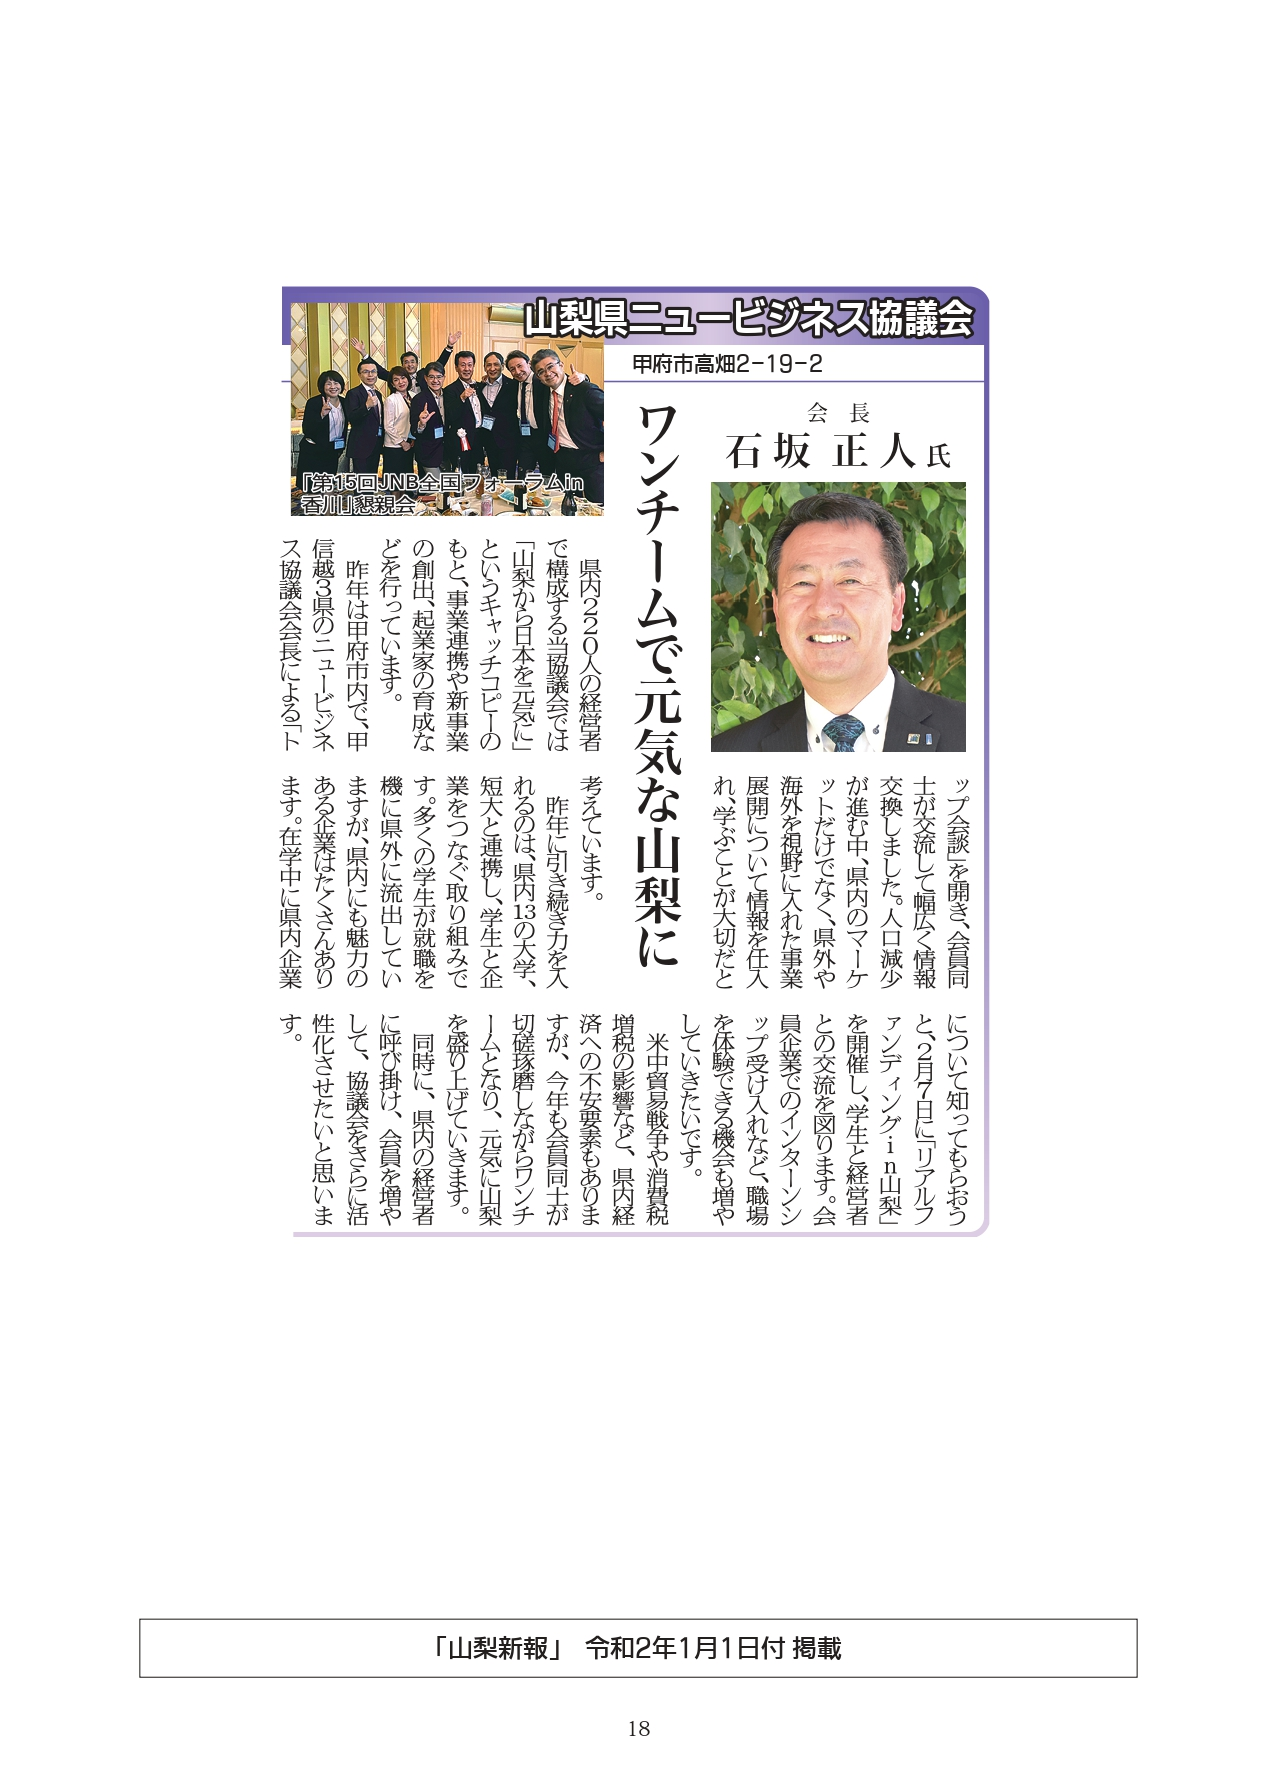 2020年01月01日 山梨新報 掲載